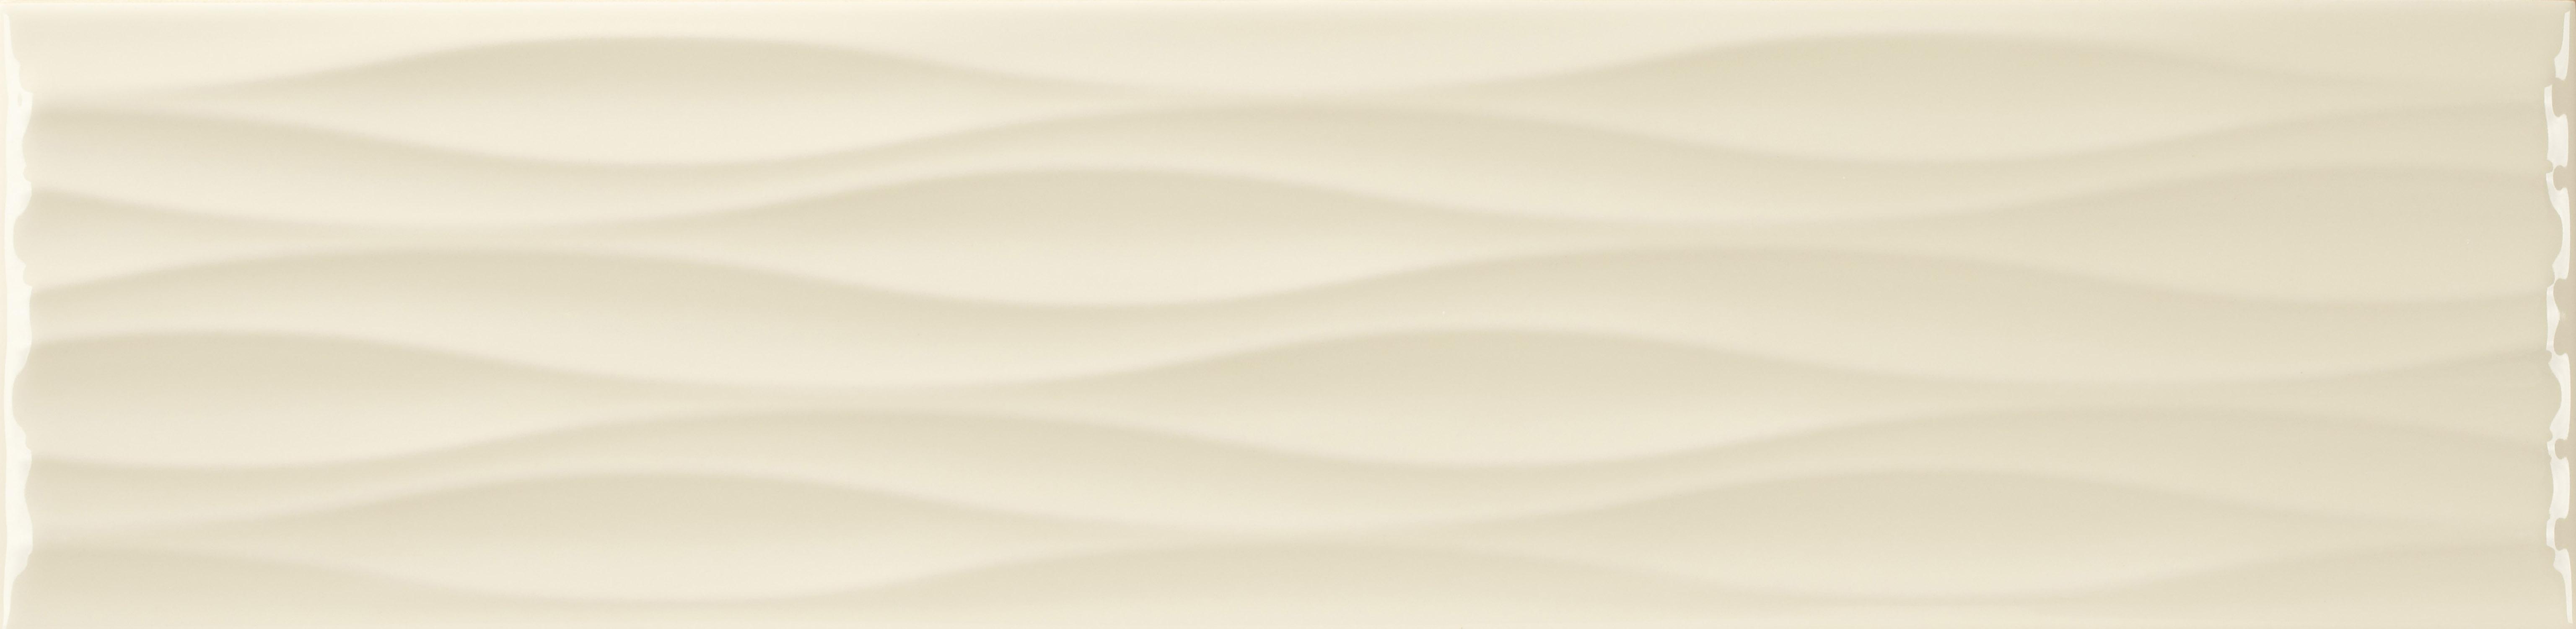 Krea Ripple Vanilla